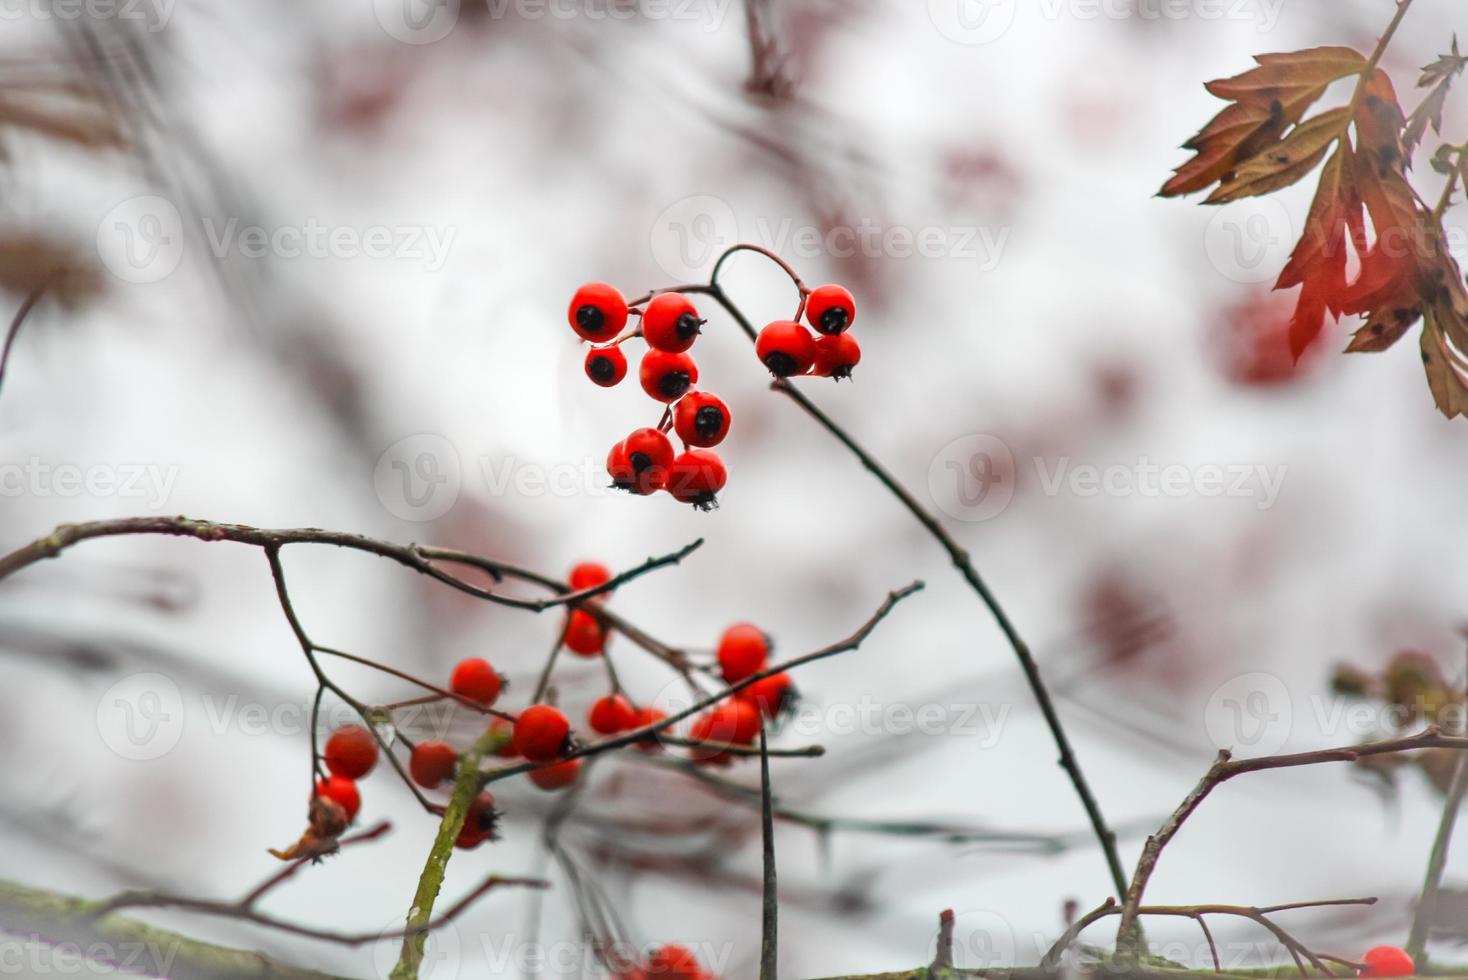 Red winter berries photo